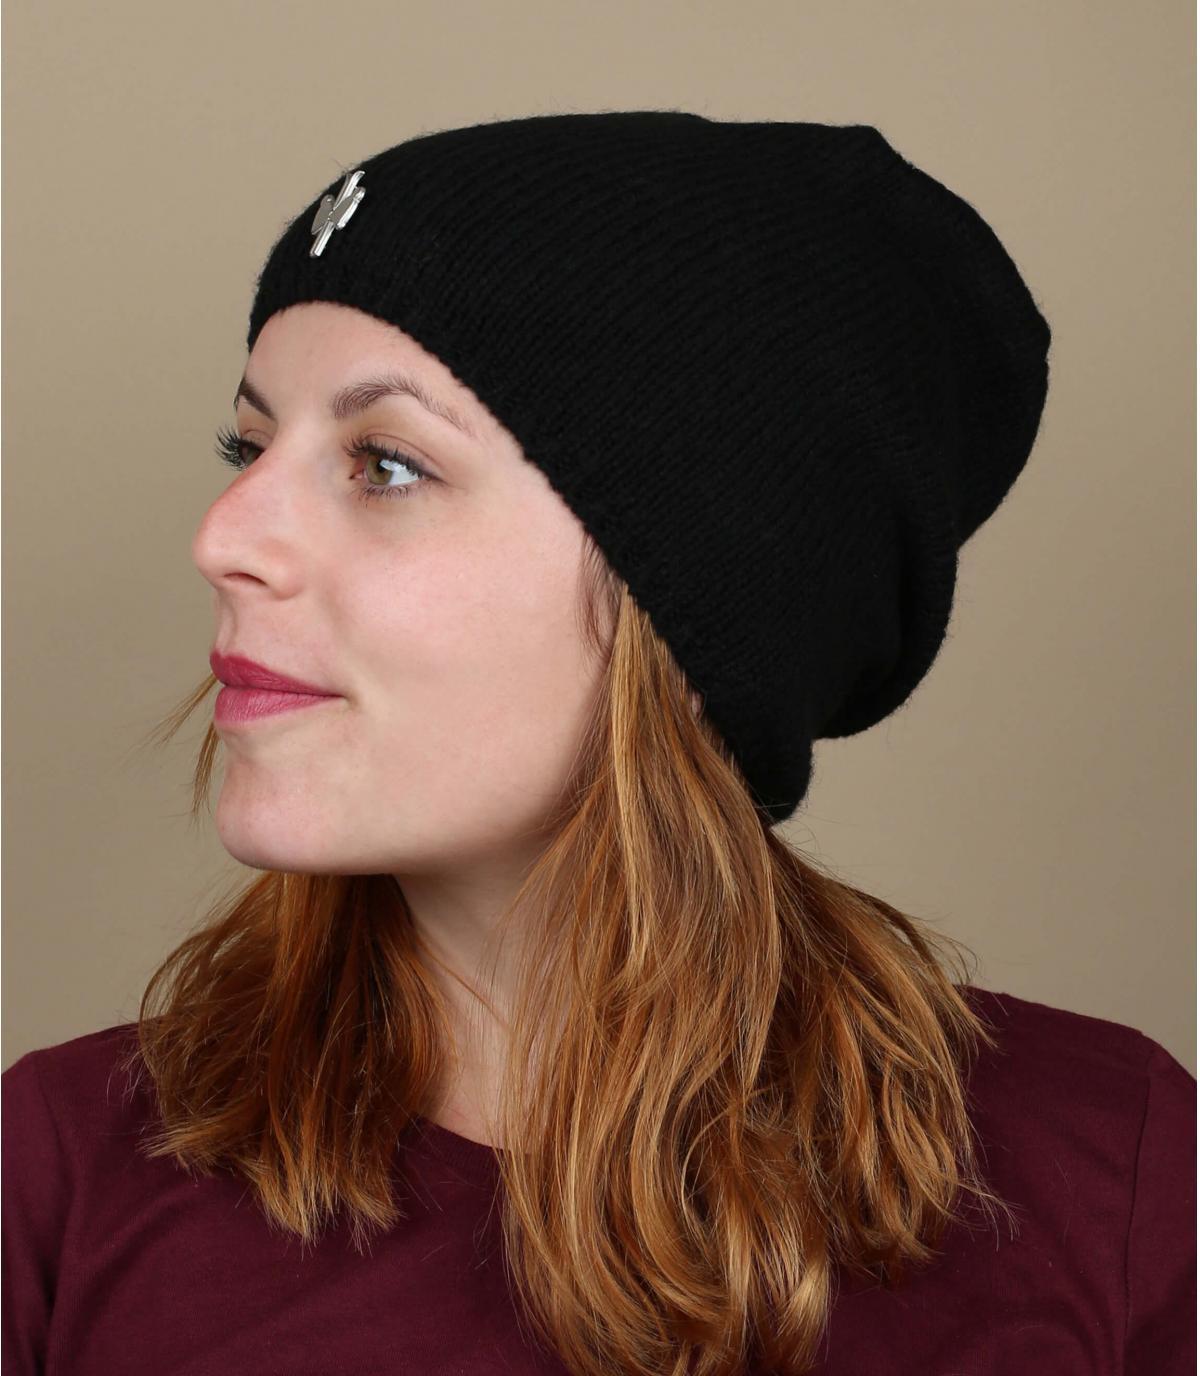 lungo cappello di lana nera